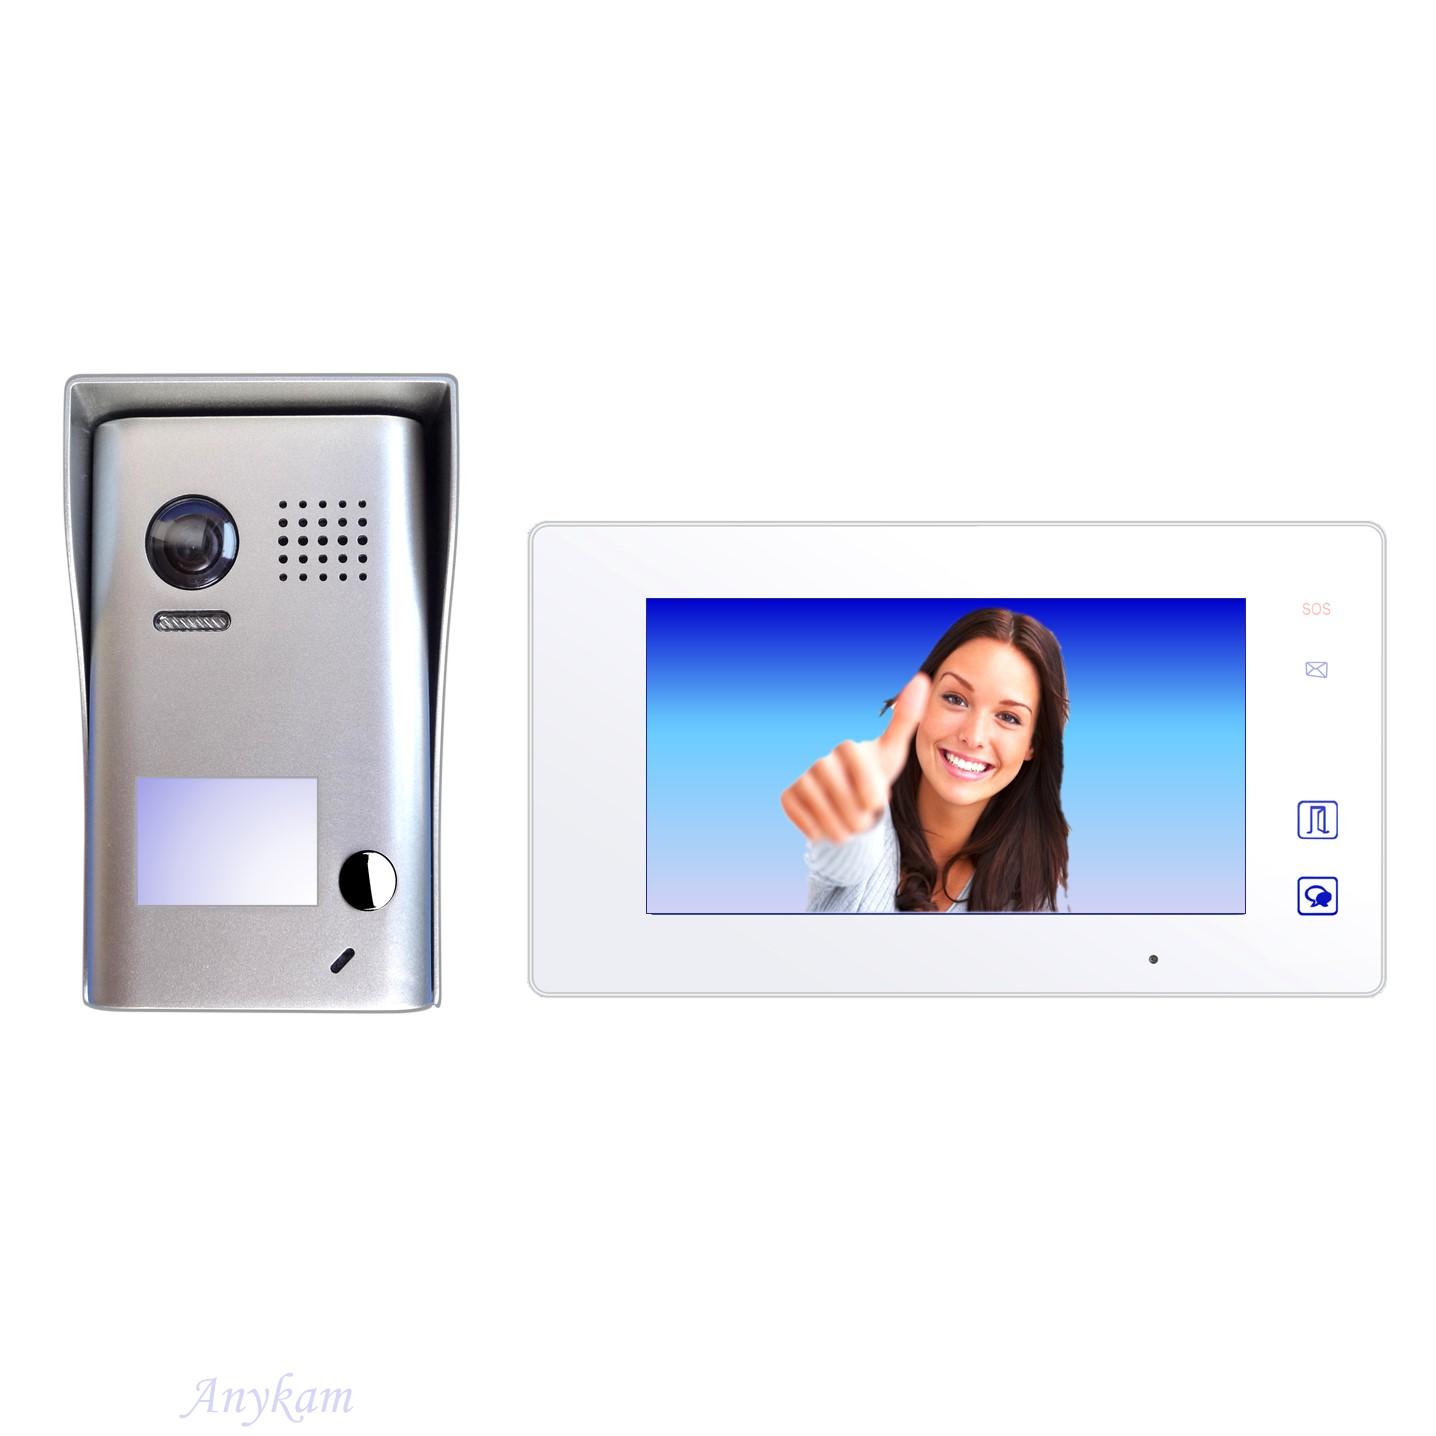 DT602 mit DT47MW Design Farb Video Türsprechanalge Videosprechanlage Gegensprechanlage Klingelanalge Interfon mit 2-Draht Technik